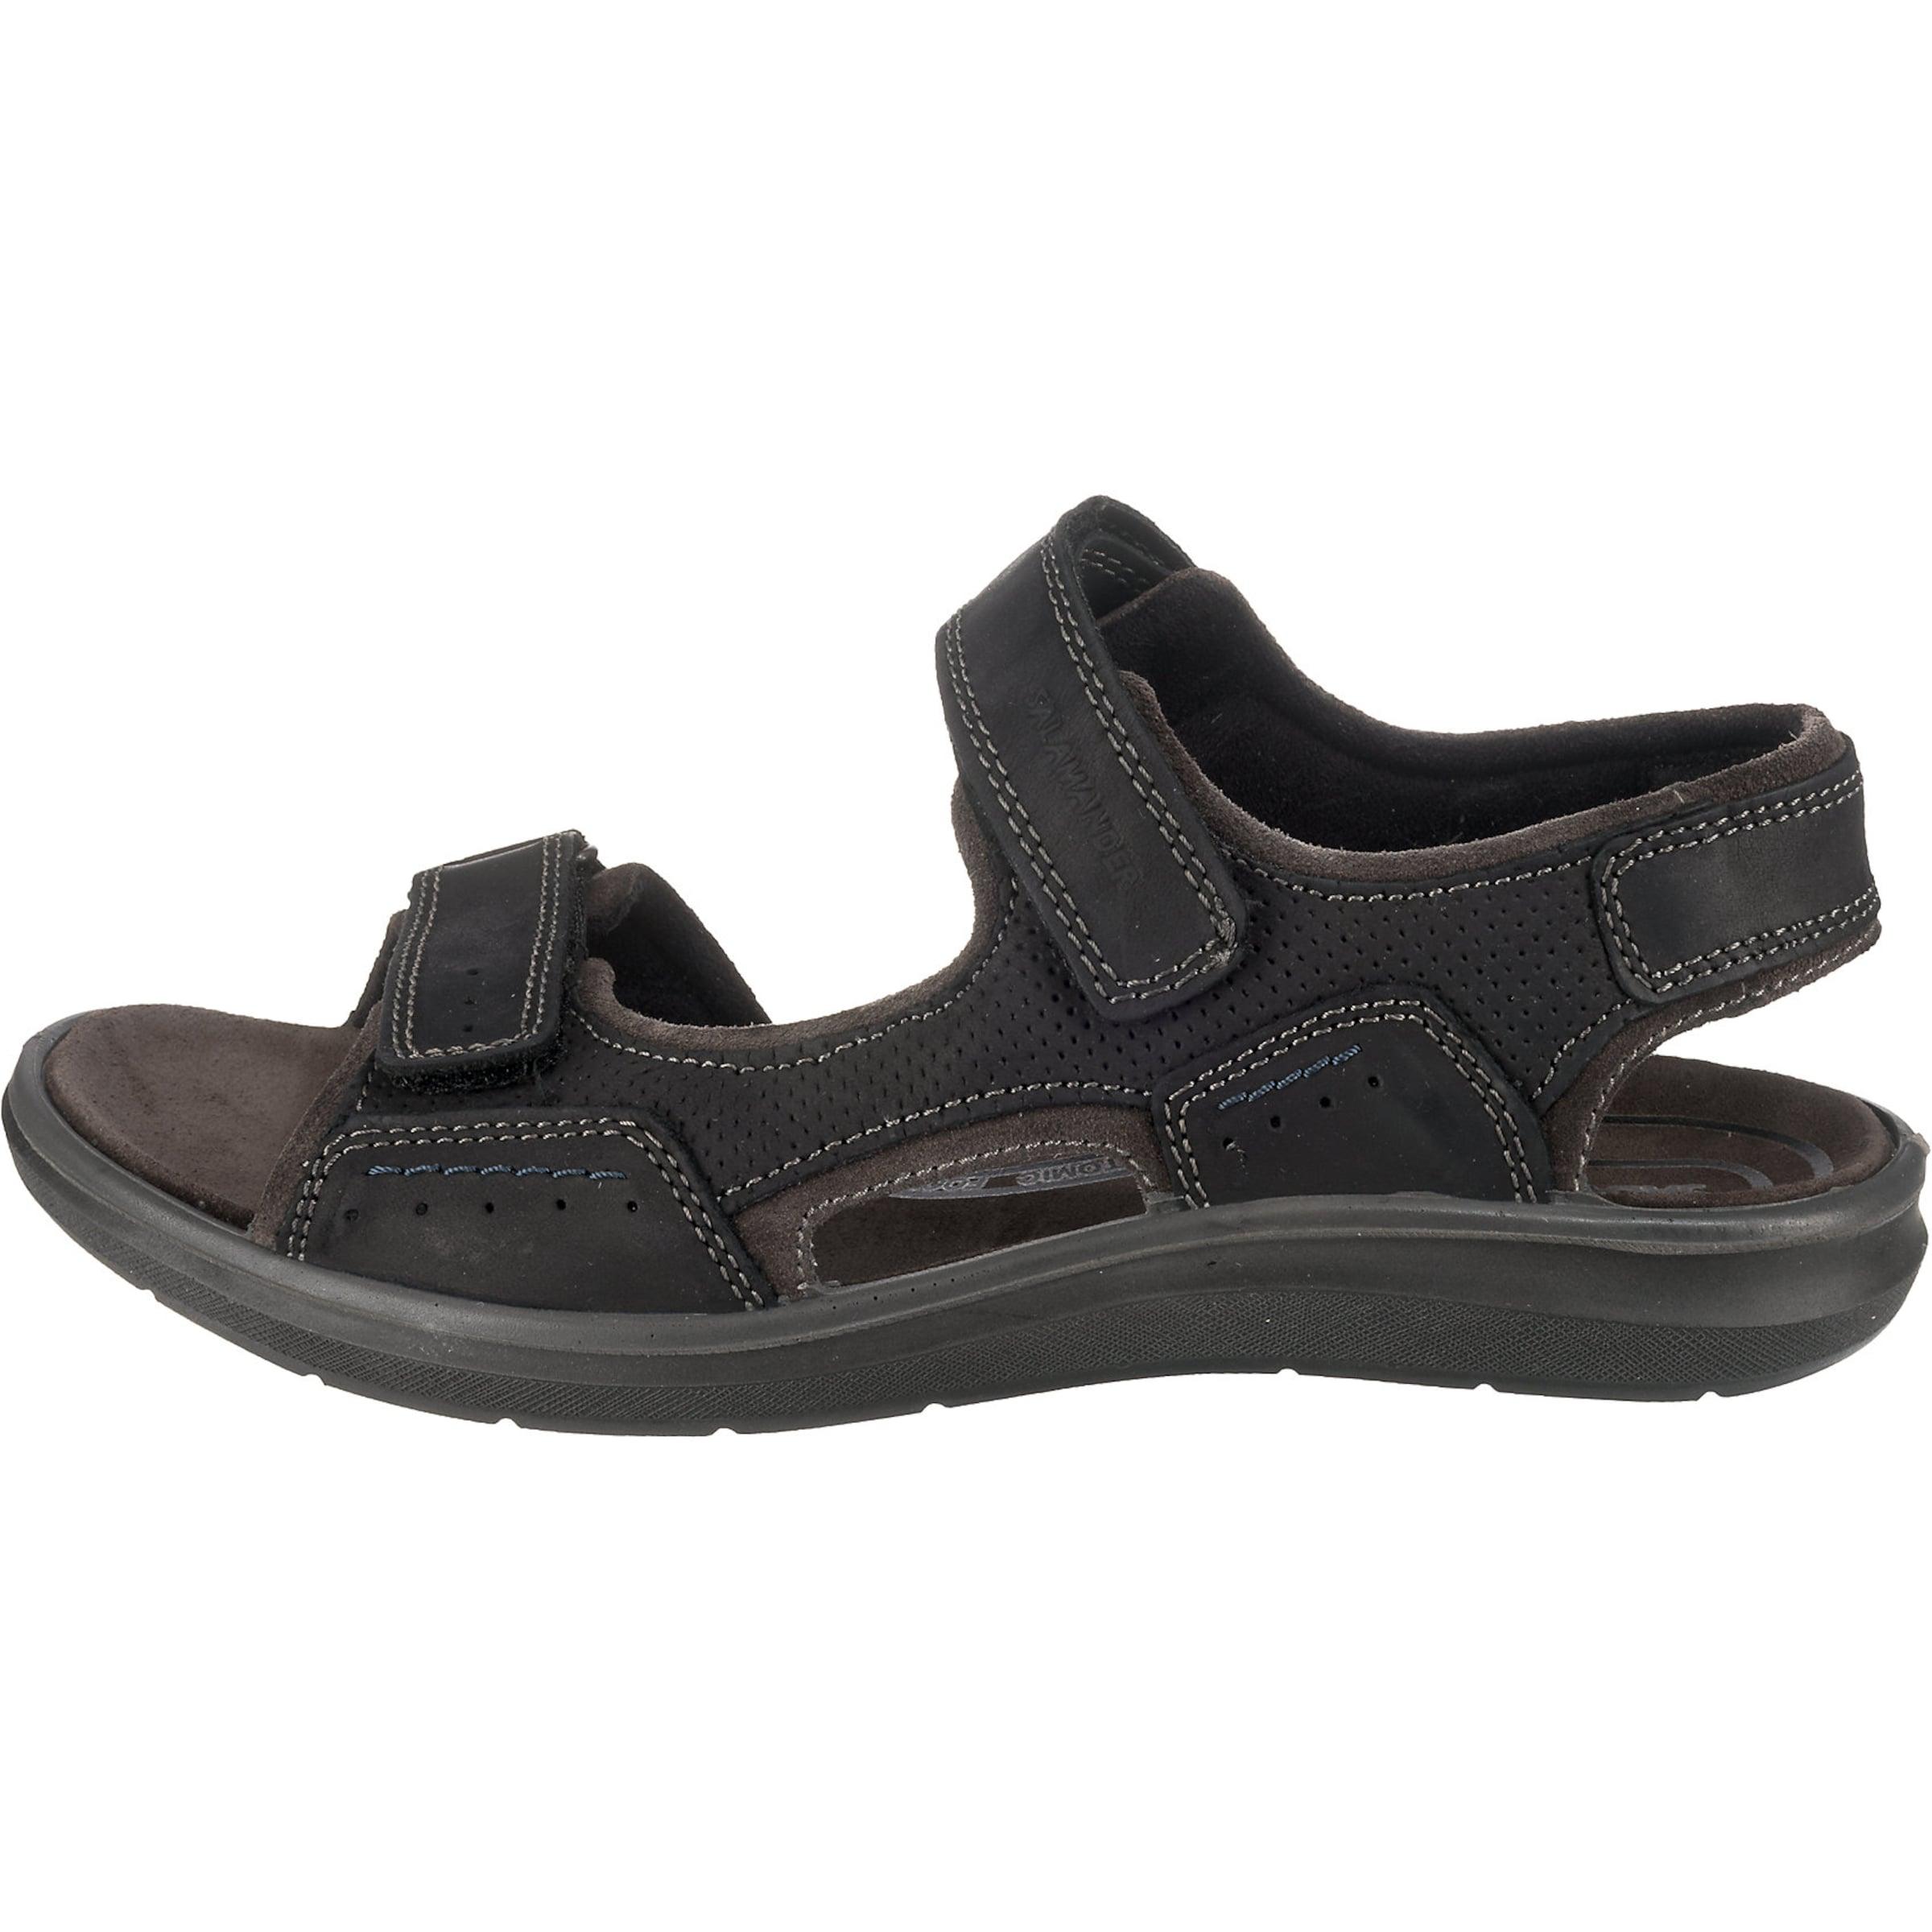 Salamander Komfort In sandalen DunkelbraunSchwarz Danby TwOkZulXiP